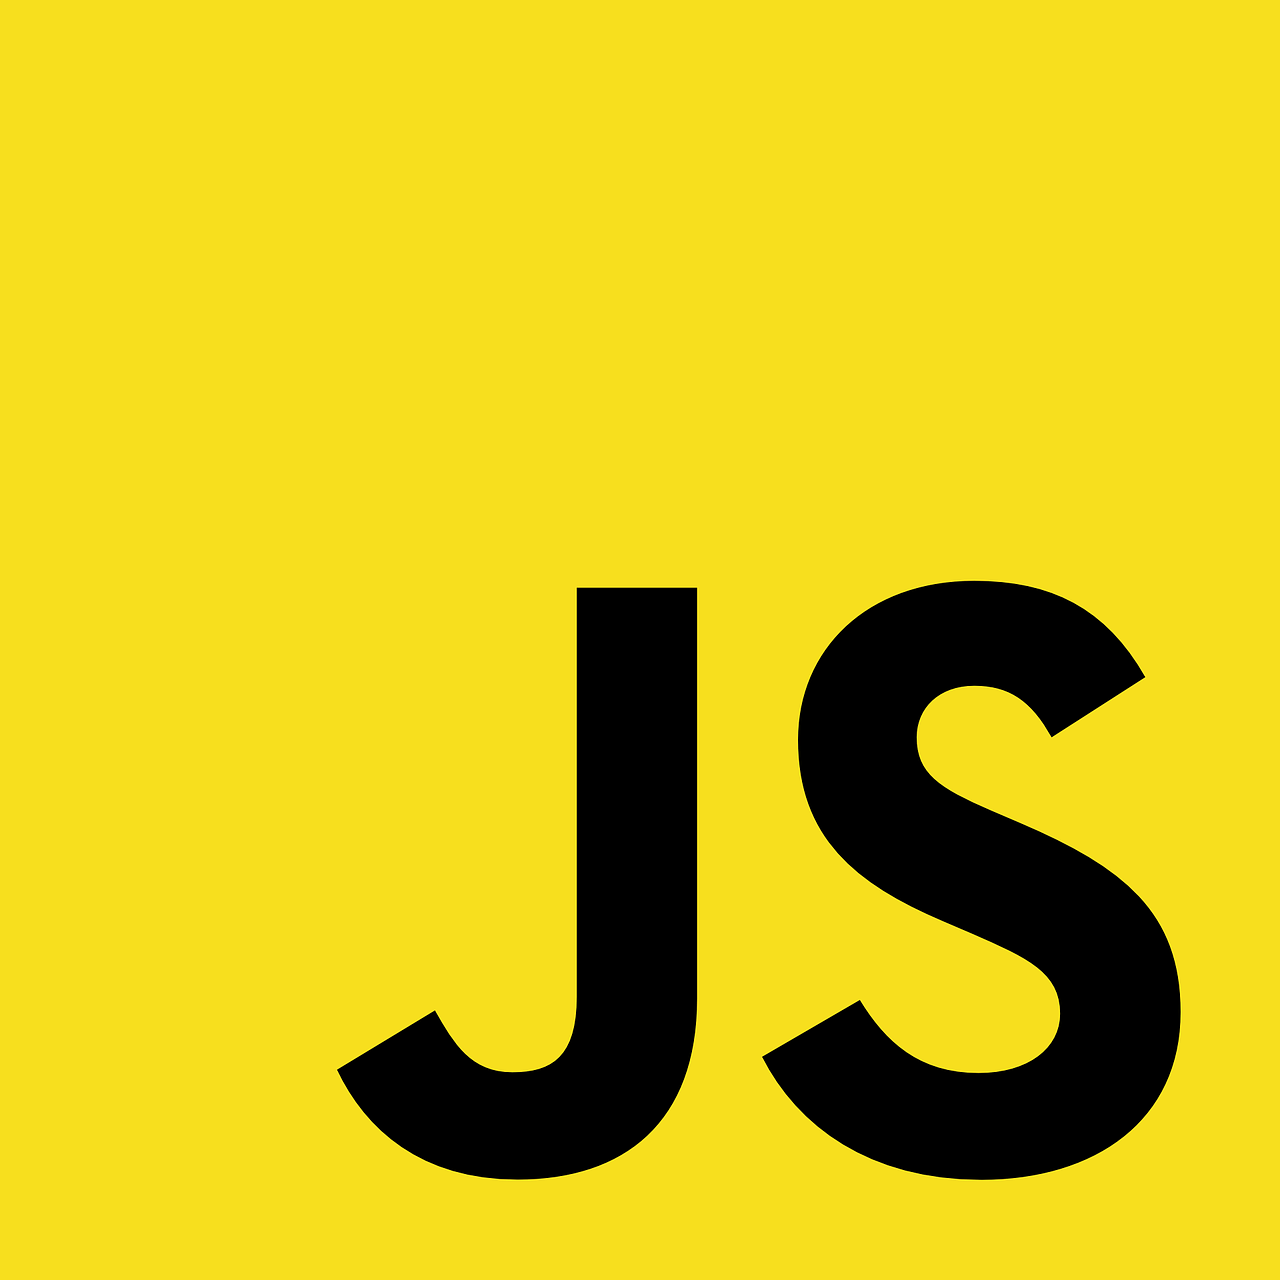 javascript-736400_1280